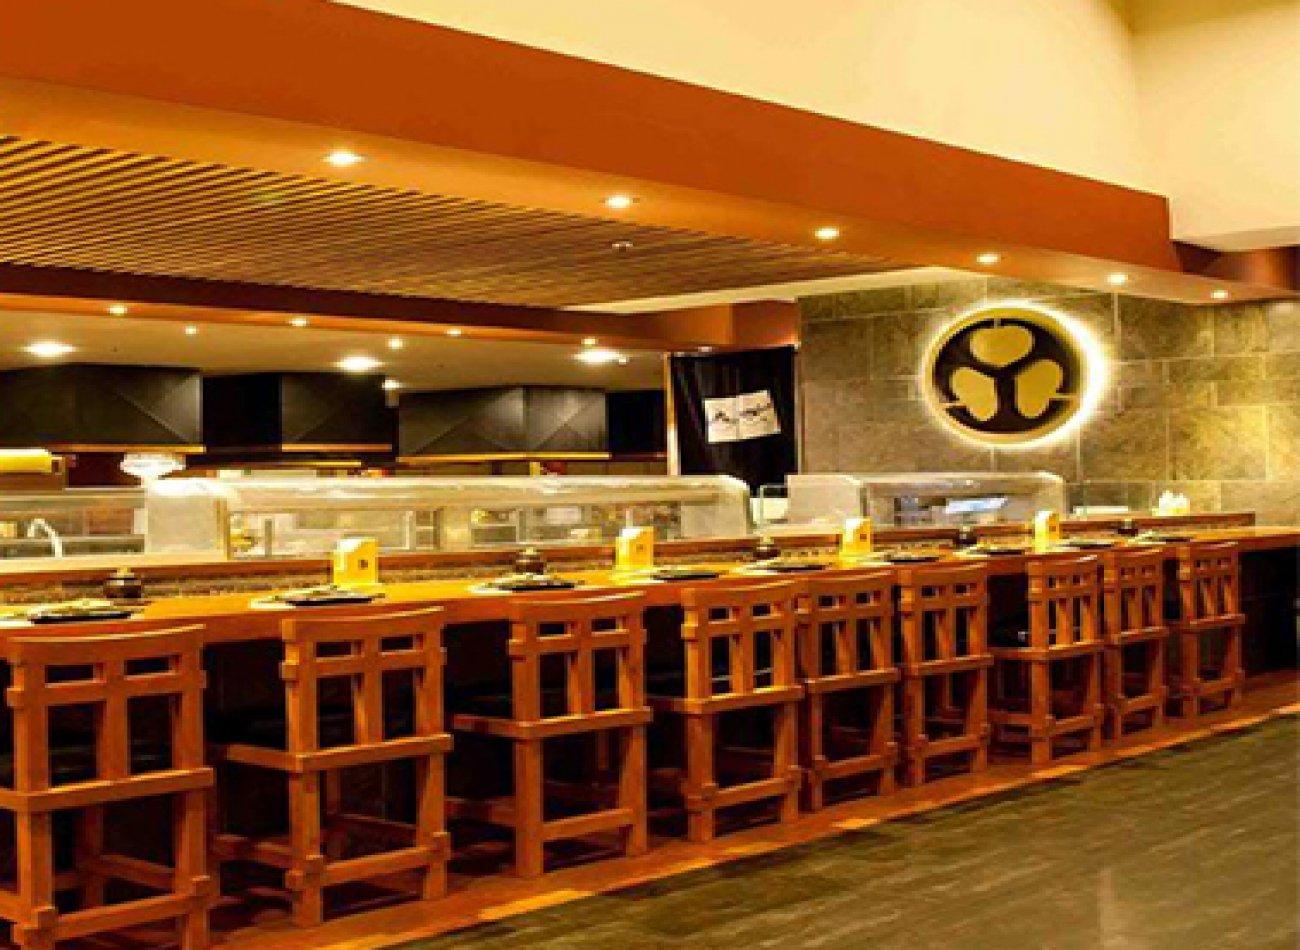 EDO SUSHI BAR - EL TRIGAL SURCO Restaurante - Reserva y Pide Delivery o Take Out en restaurantes de Comida DE AUTOR - SANTIAGO DE SURCO - MESA 24/7 | LIMA - Perú